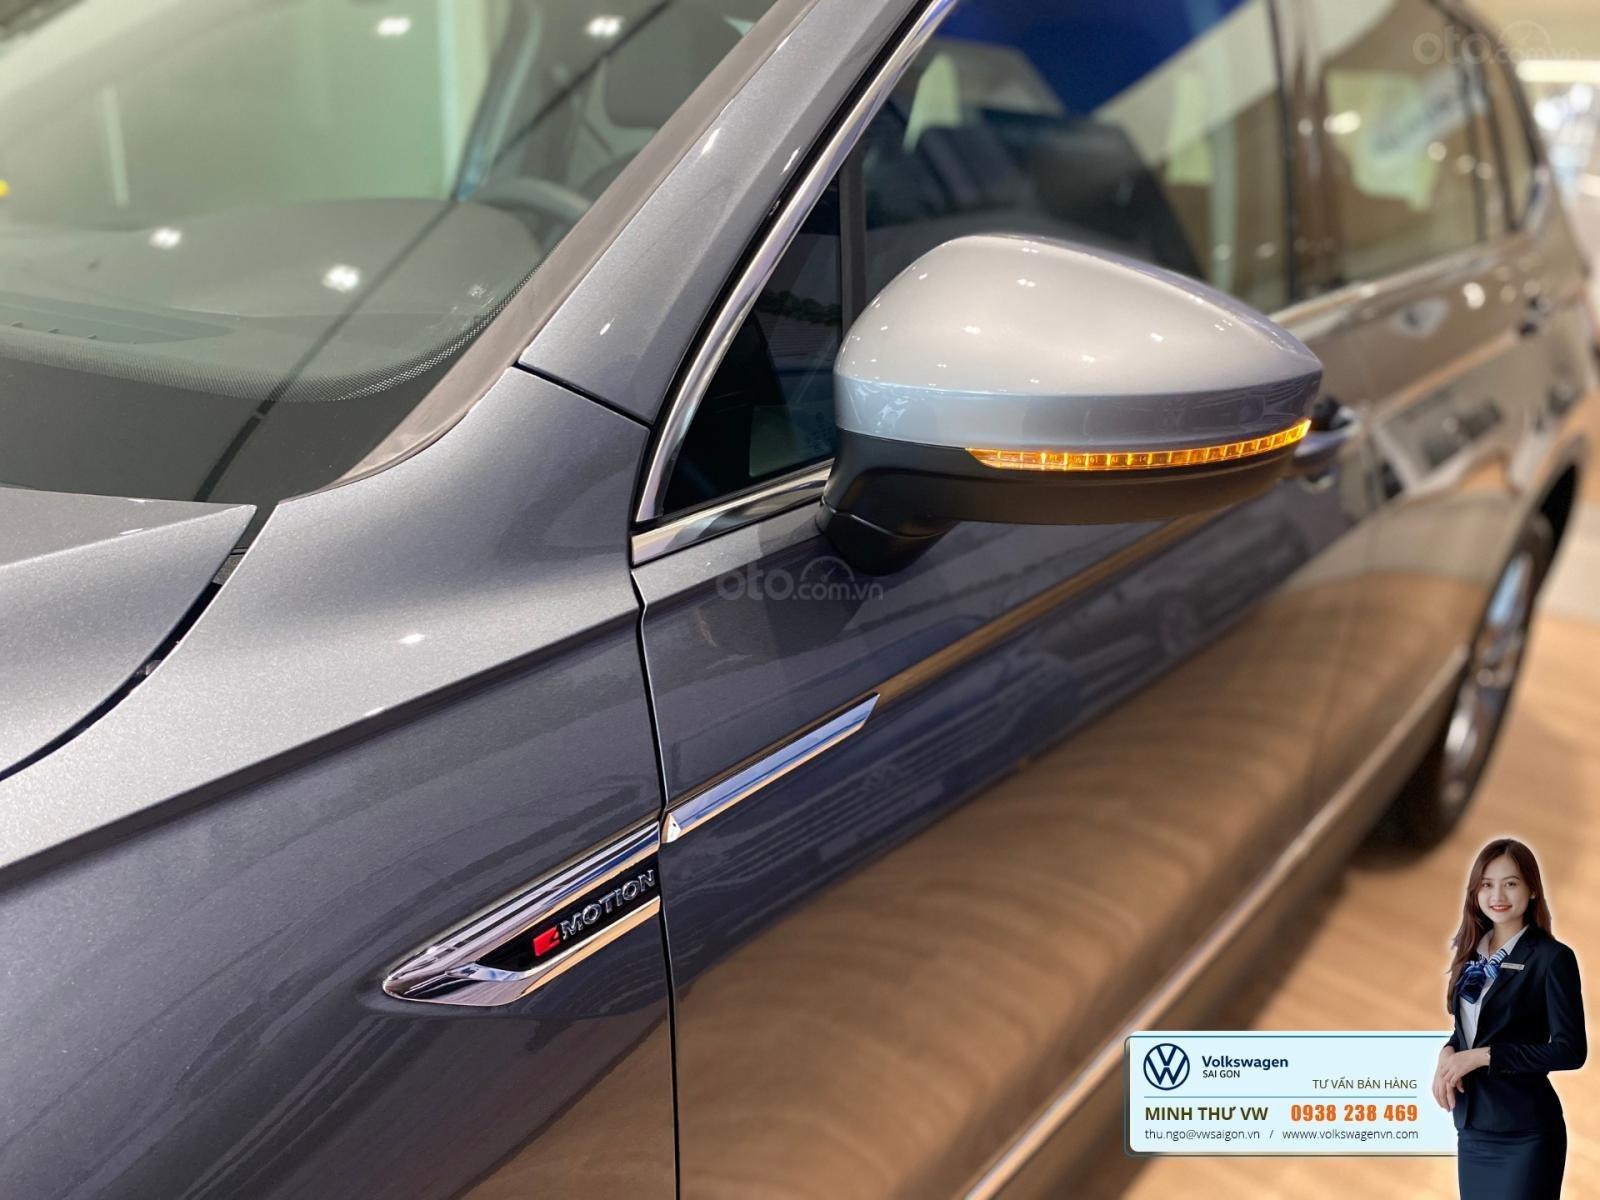 Tiguan Luxury S Màu xám - Phiên bản Offroad khuyến mãi hấp dẫn - Xe đủ màu giao ngay (3)